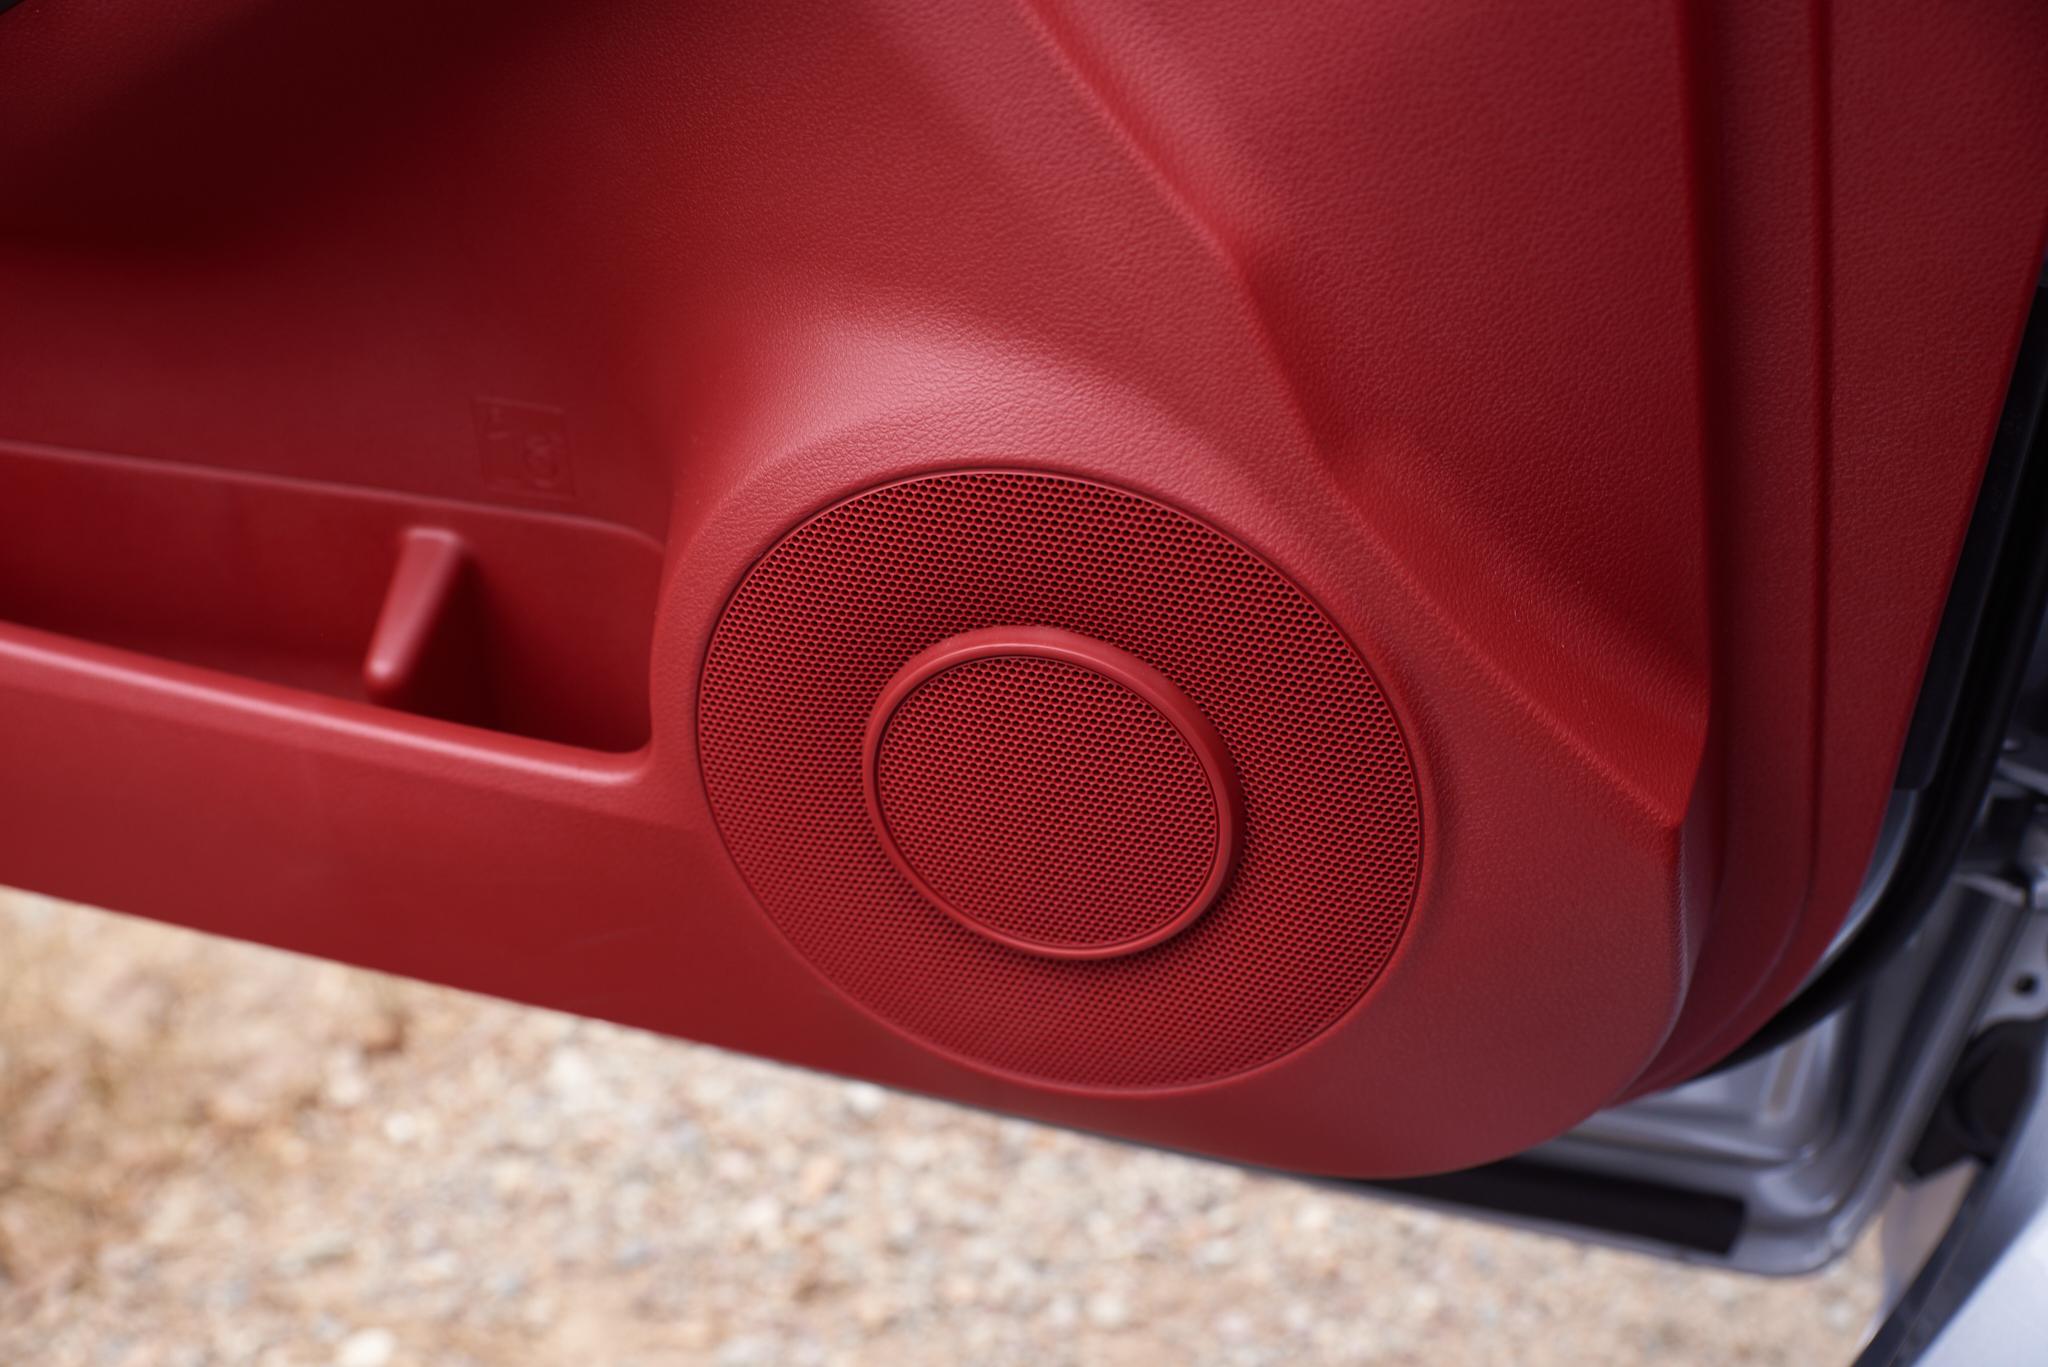 2021 Lexus IS 350 F Sport door speaker Mark Levinson Sound